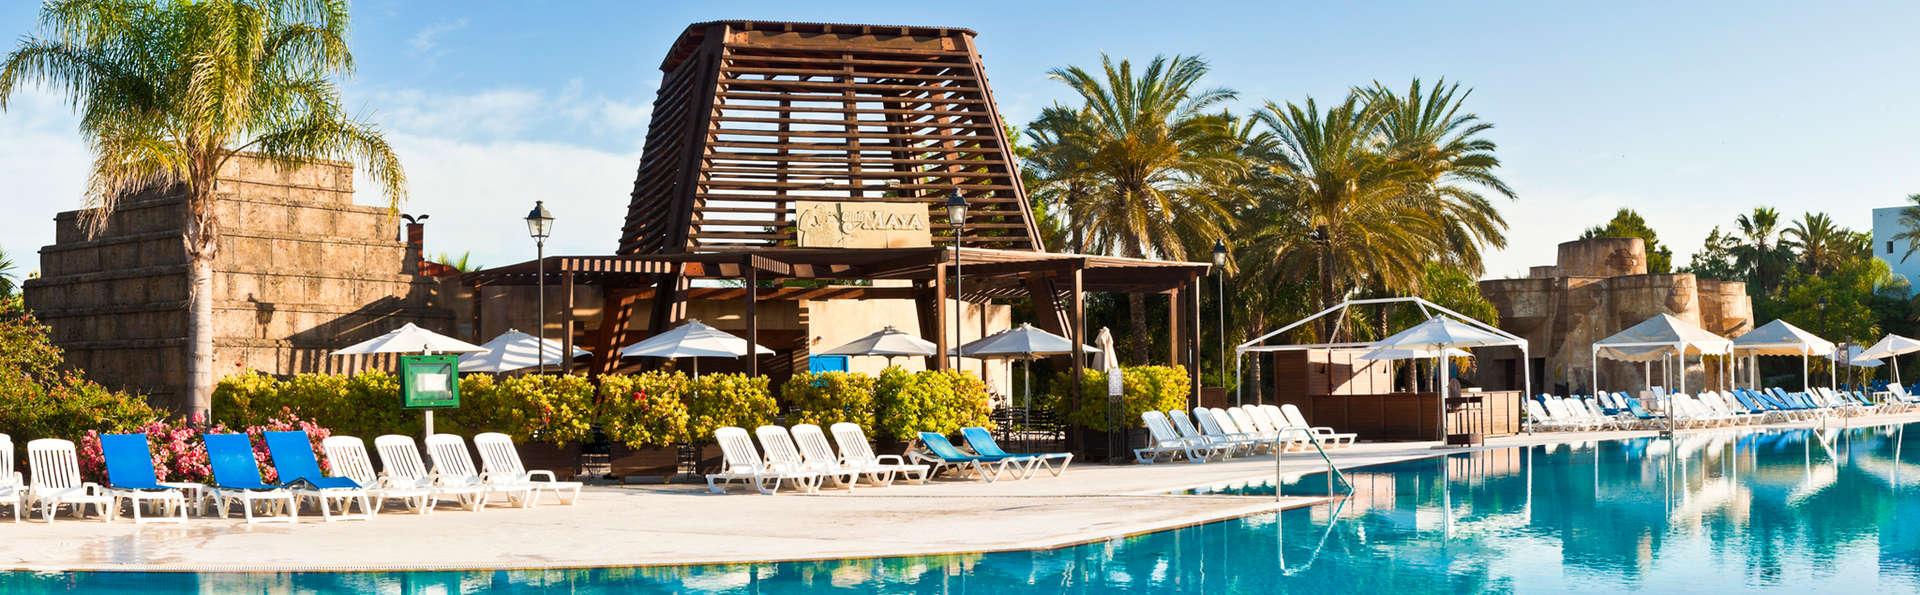 Portaventura hotel el paso 4 salou espagne - Vente privee port aventura ...